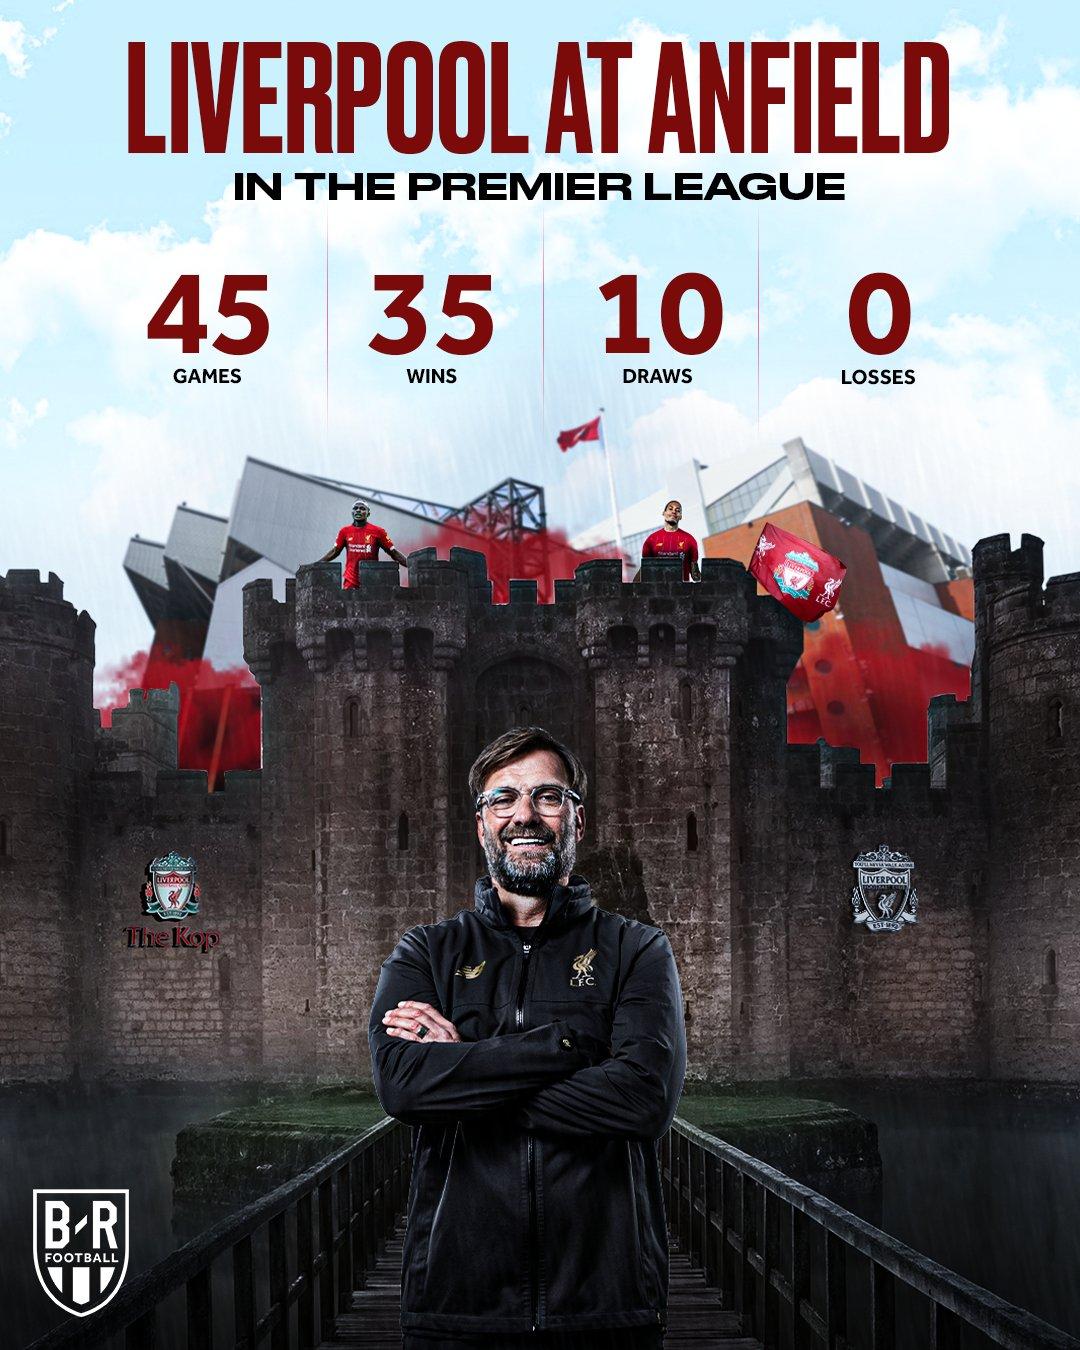 B/R海报致意安菲尔德:利物浦英超主场45场不败